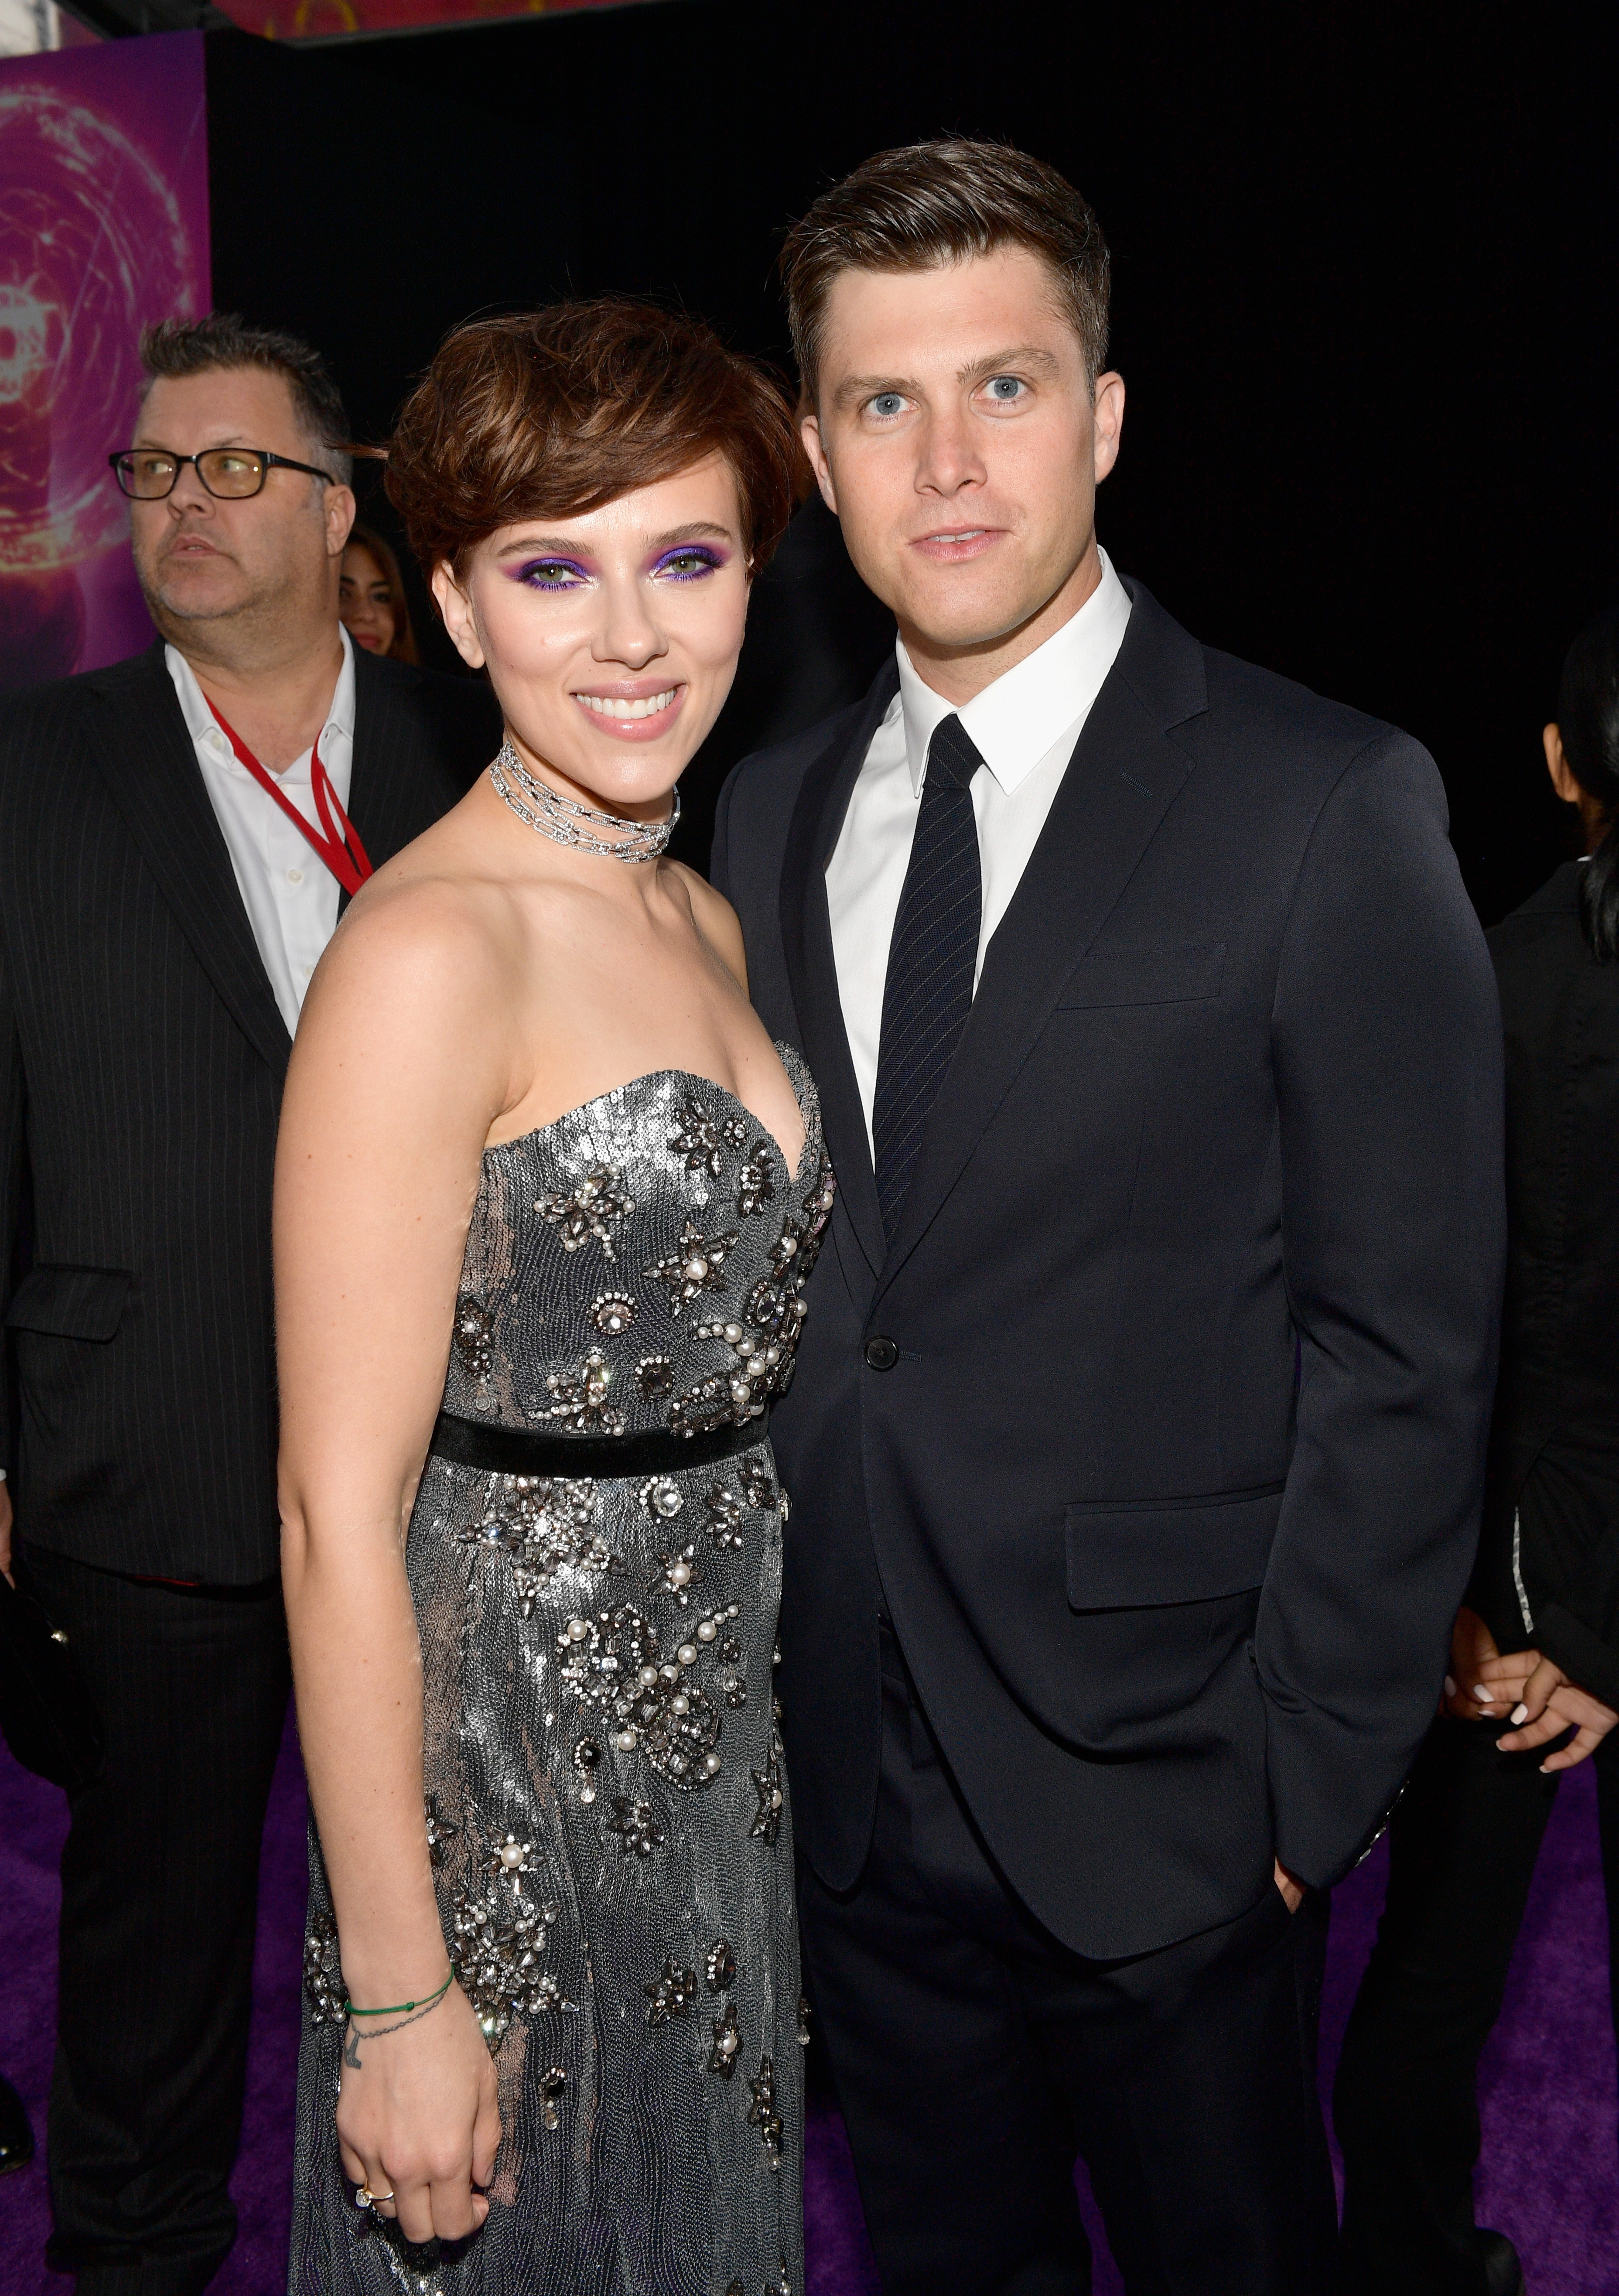 f5d442916 A atriz Scarlett Johansson durante o evento de lançamento do terceiro  Vingadores, na companhia de seu namorado o comediante Colin Jost (Foto:  Getty Images)